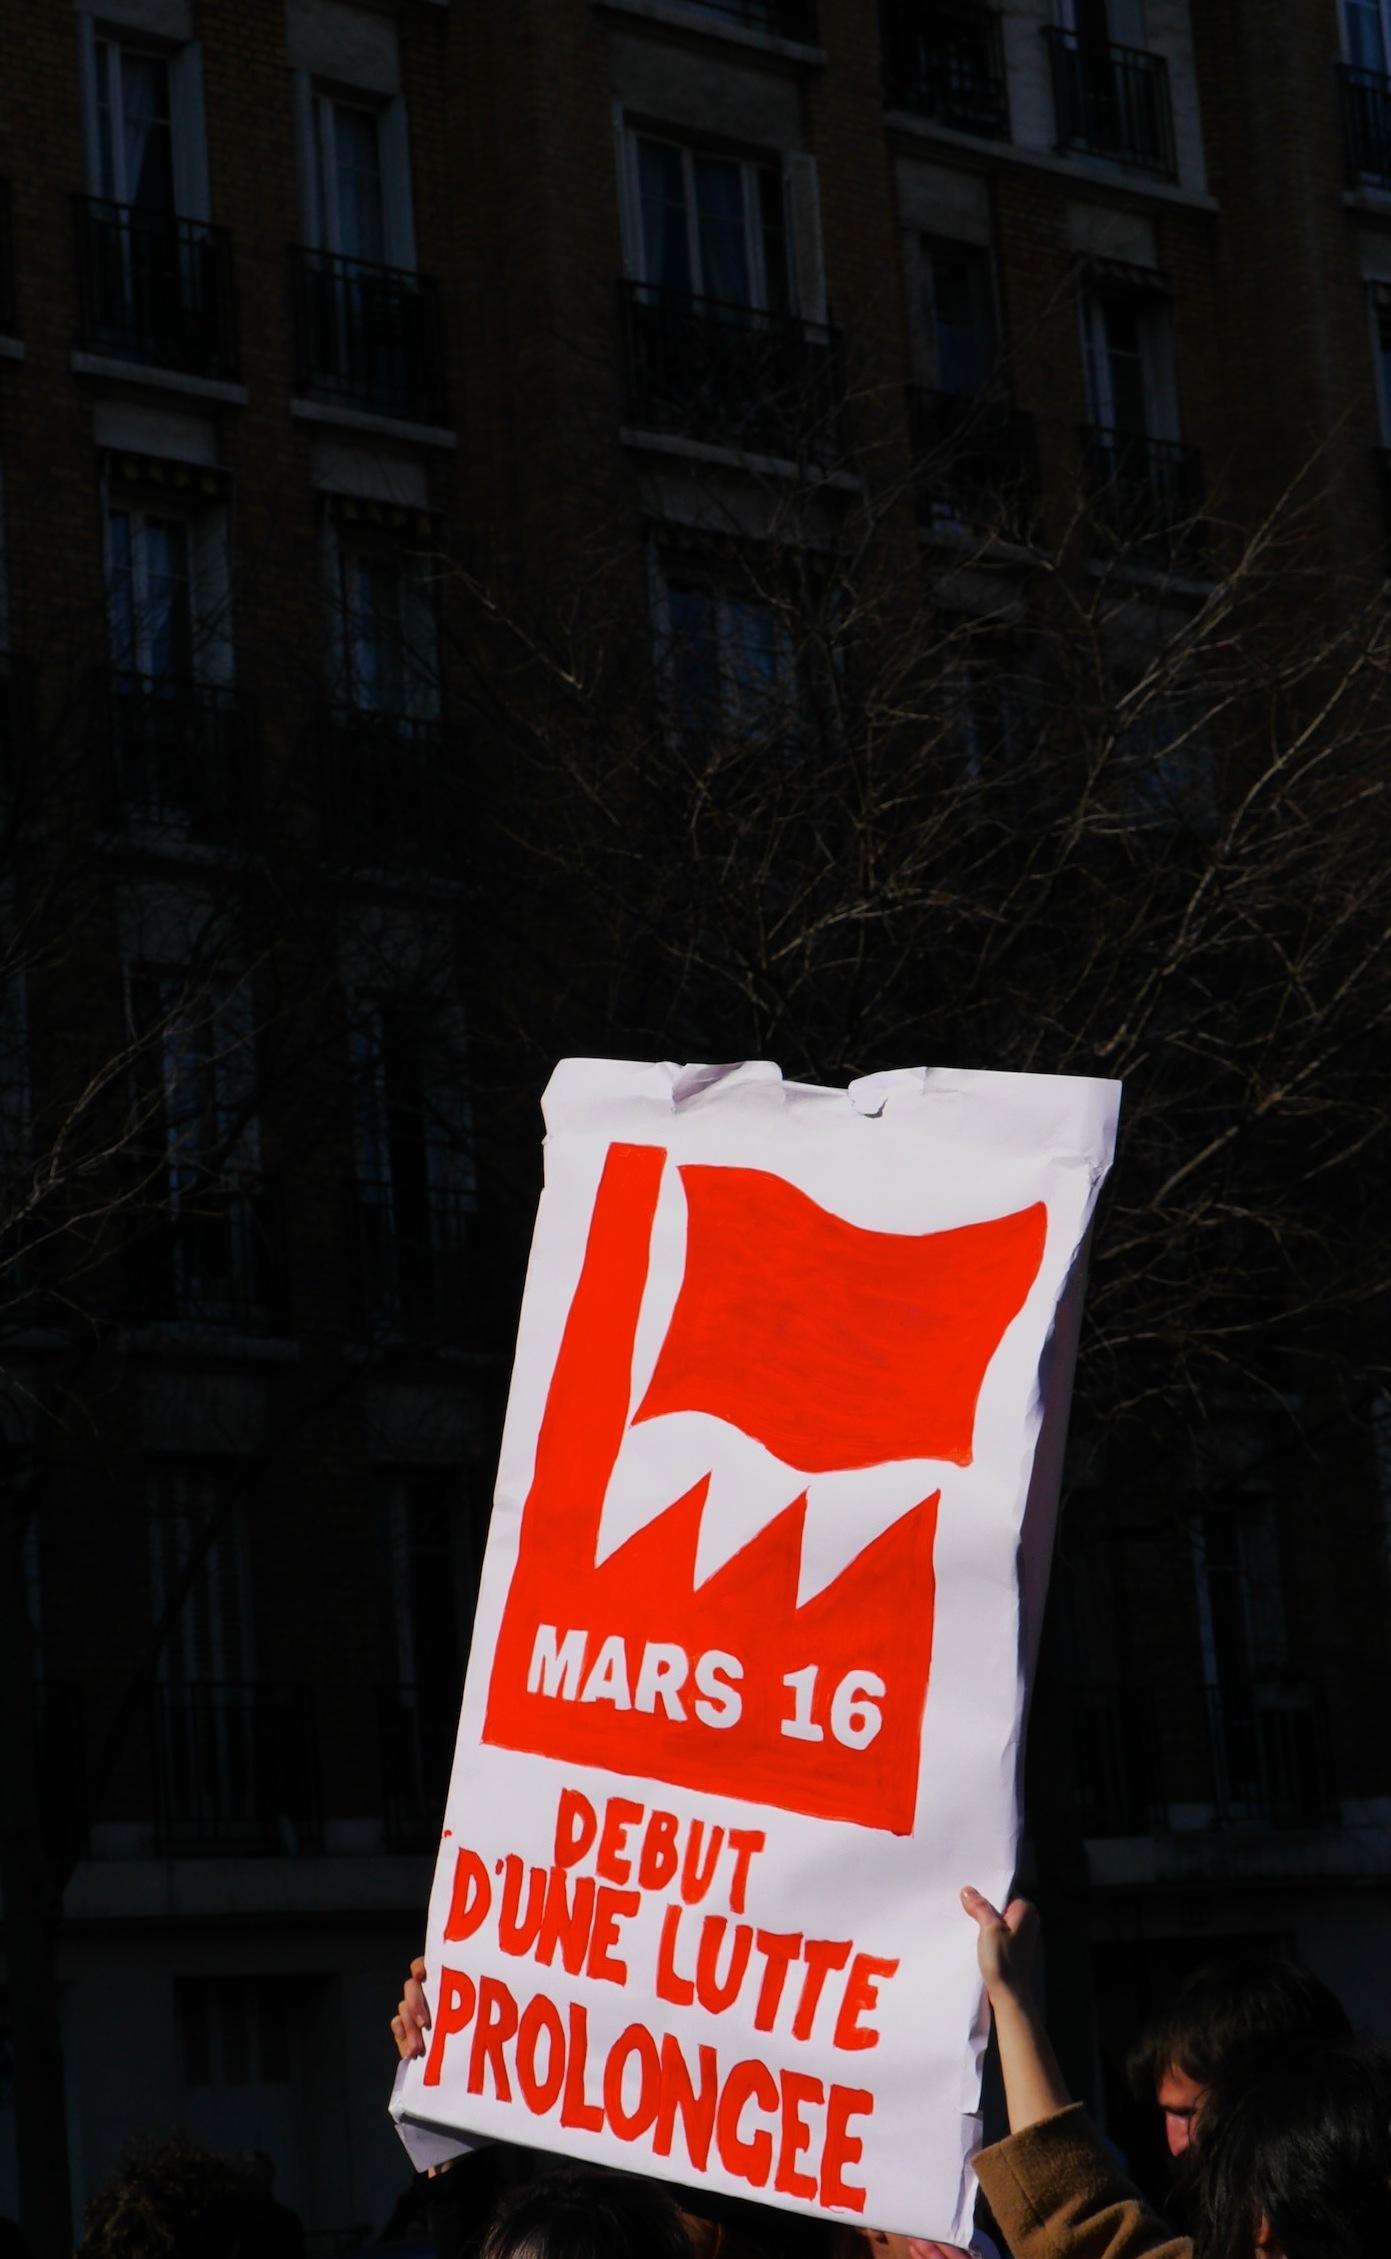 «Mars 16, début d'une lutte prolongée»